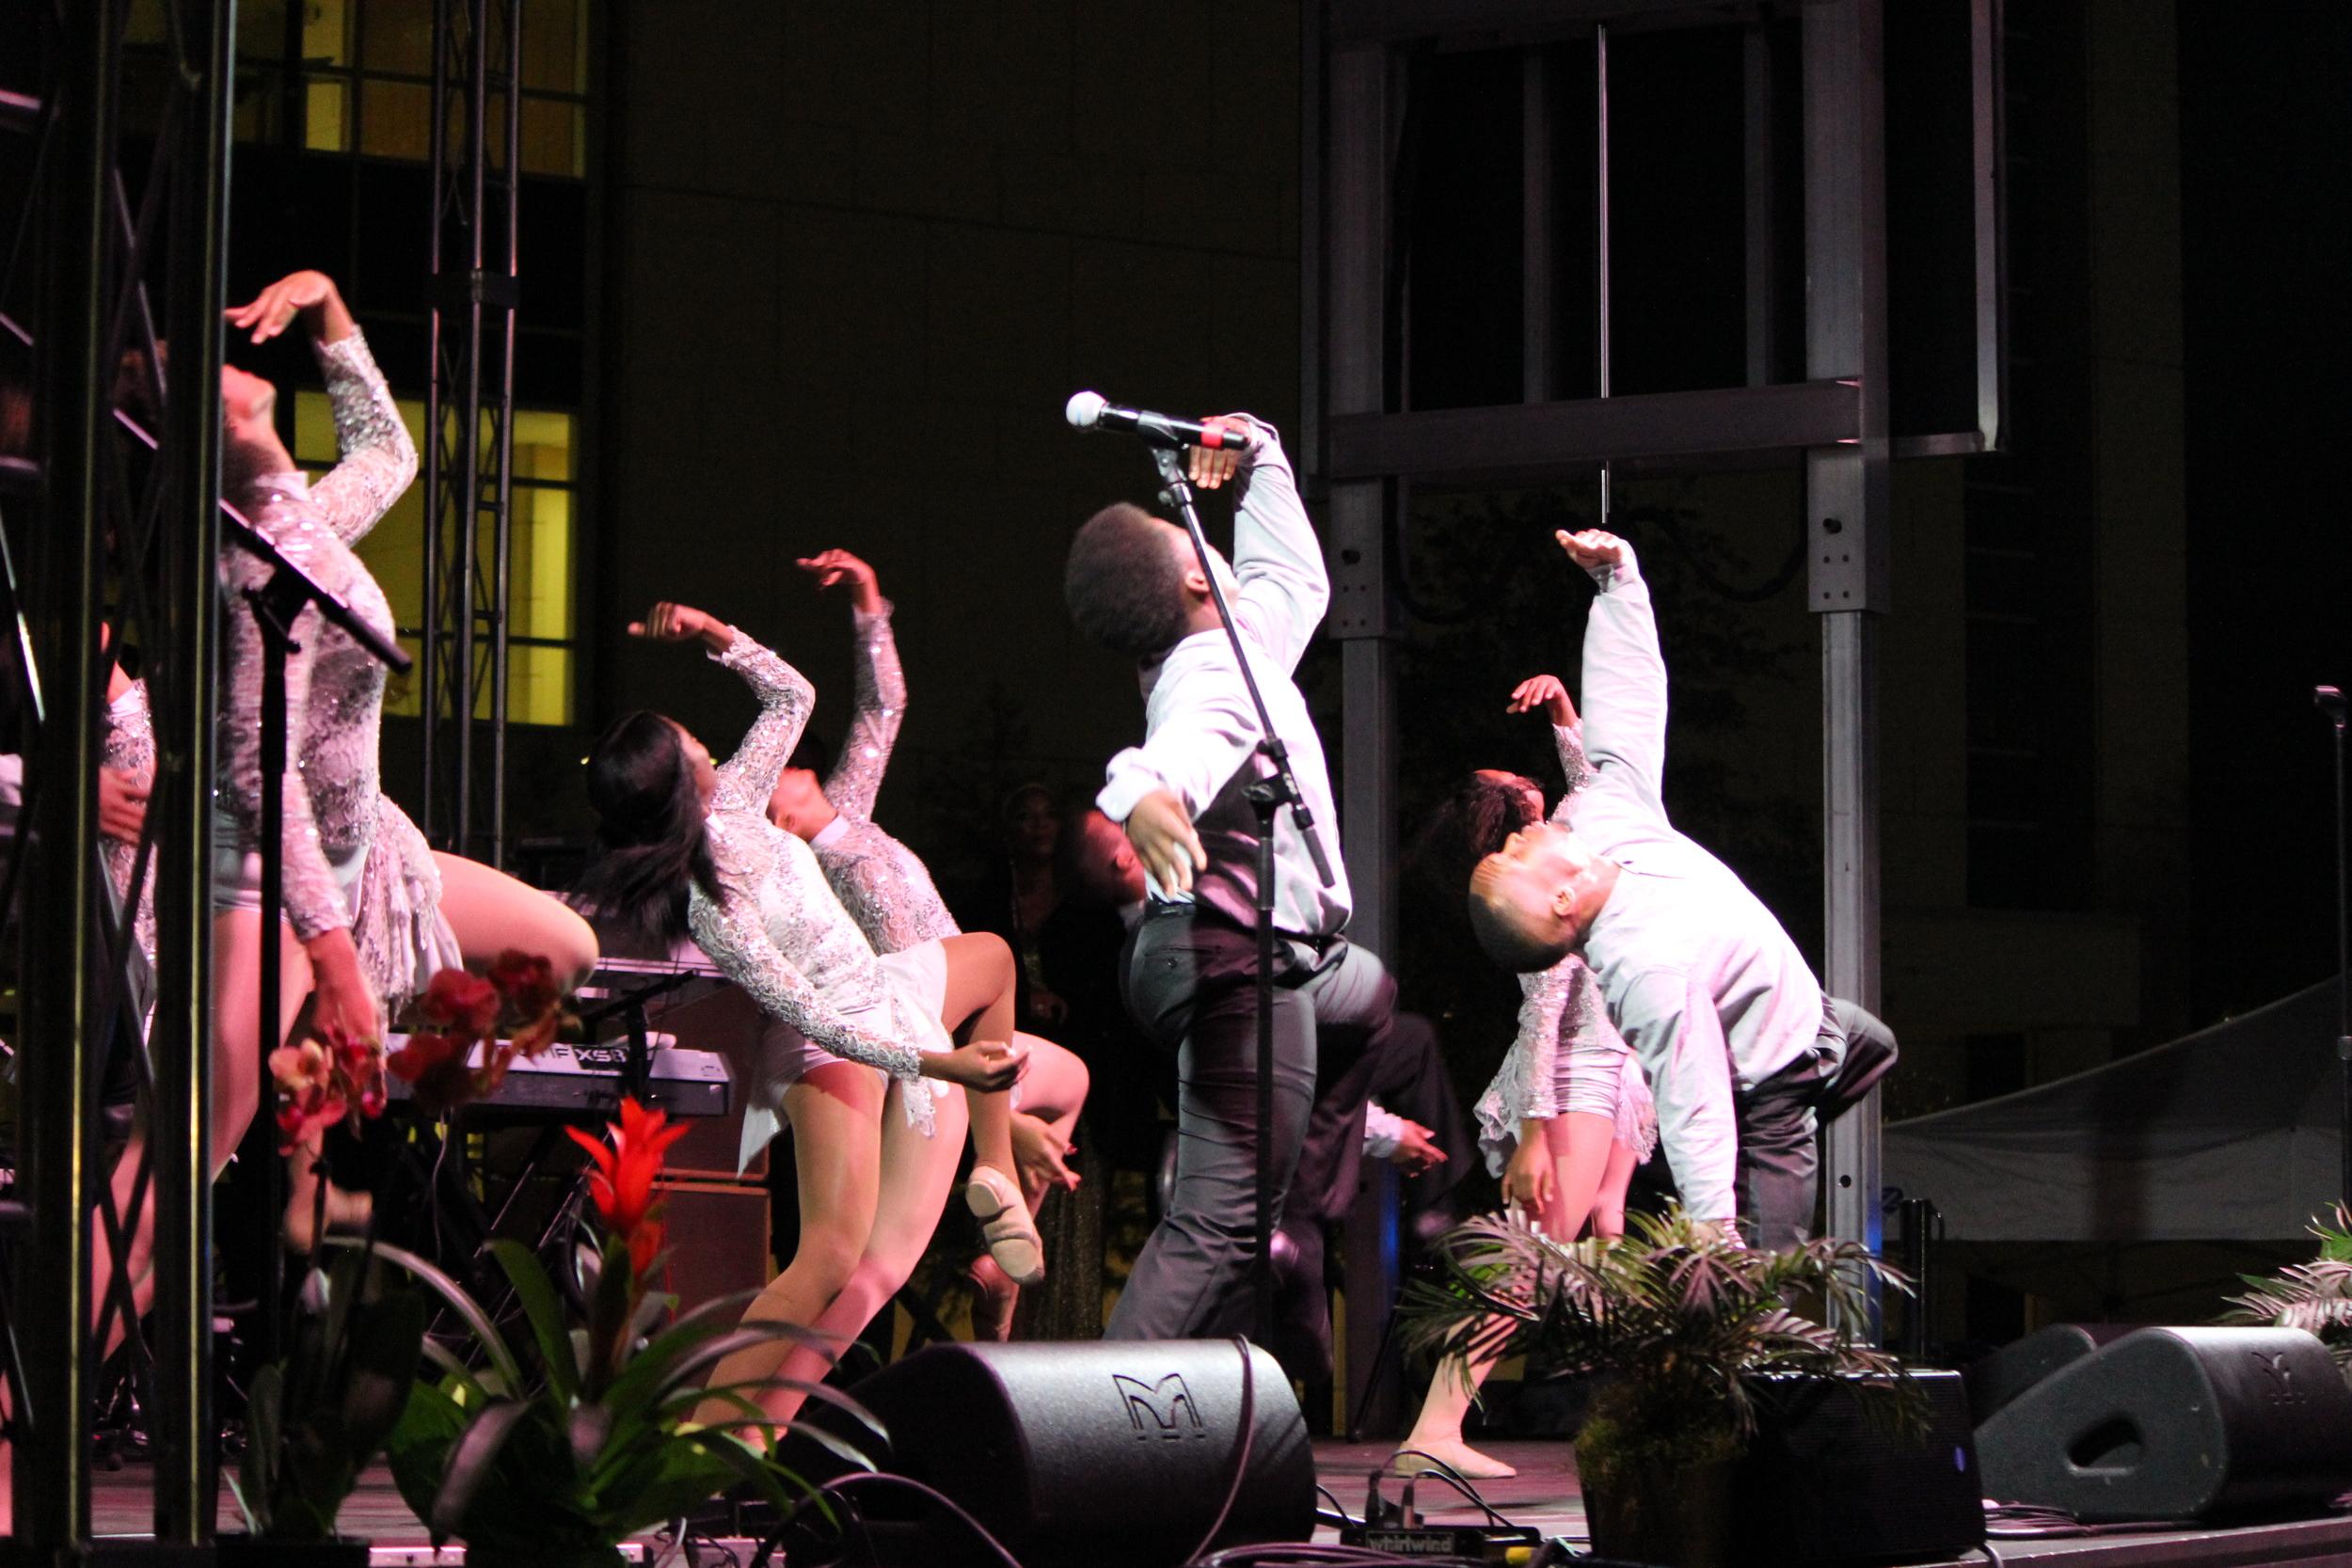 Dance-performance-1.jpg